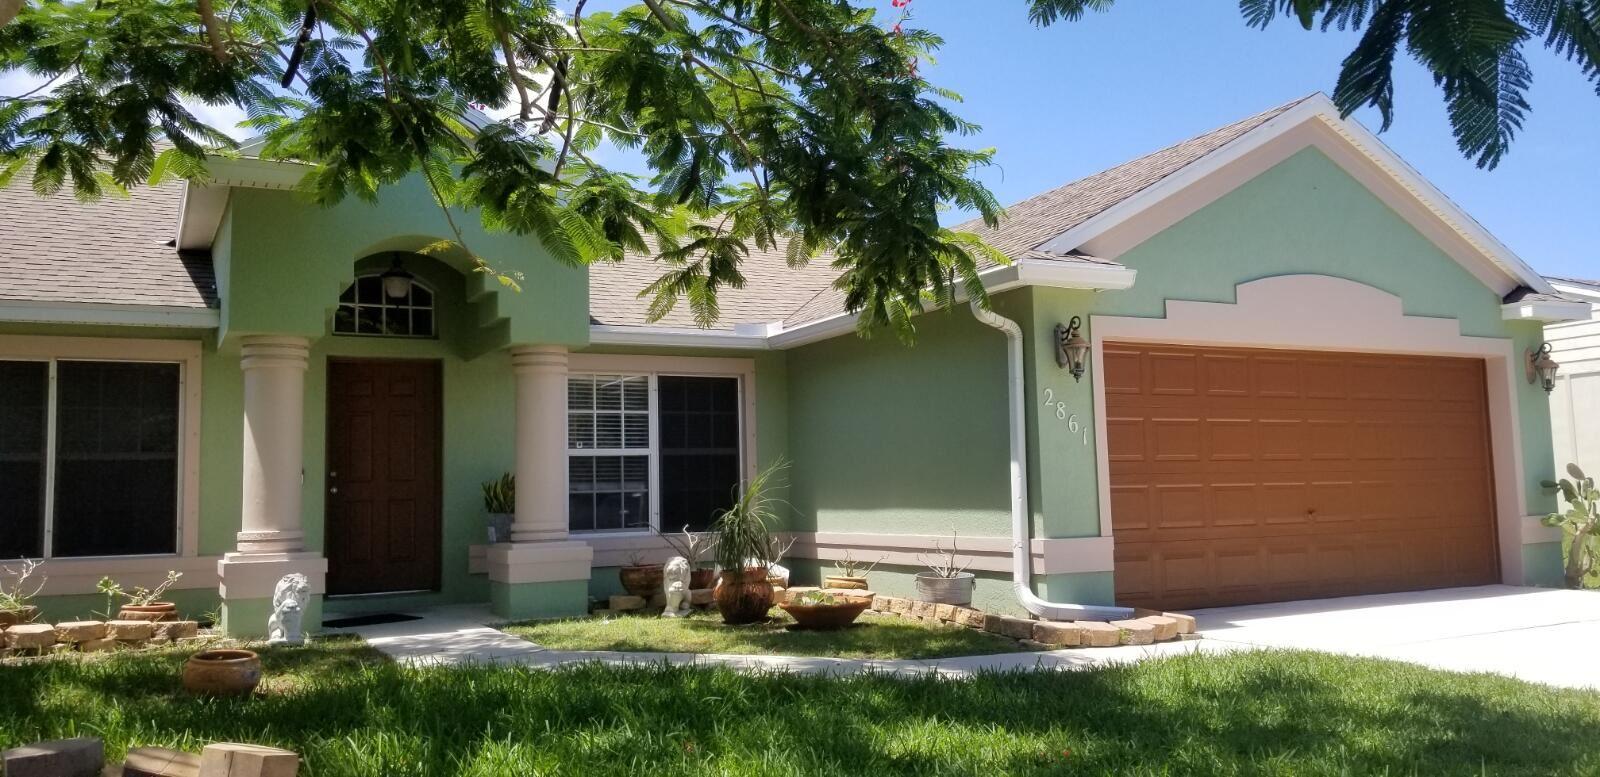 2861 SE Ironton Avenue, Port Saint Lucie, FL 34952 - #: RX-10735825